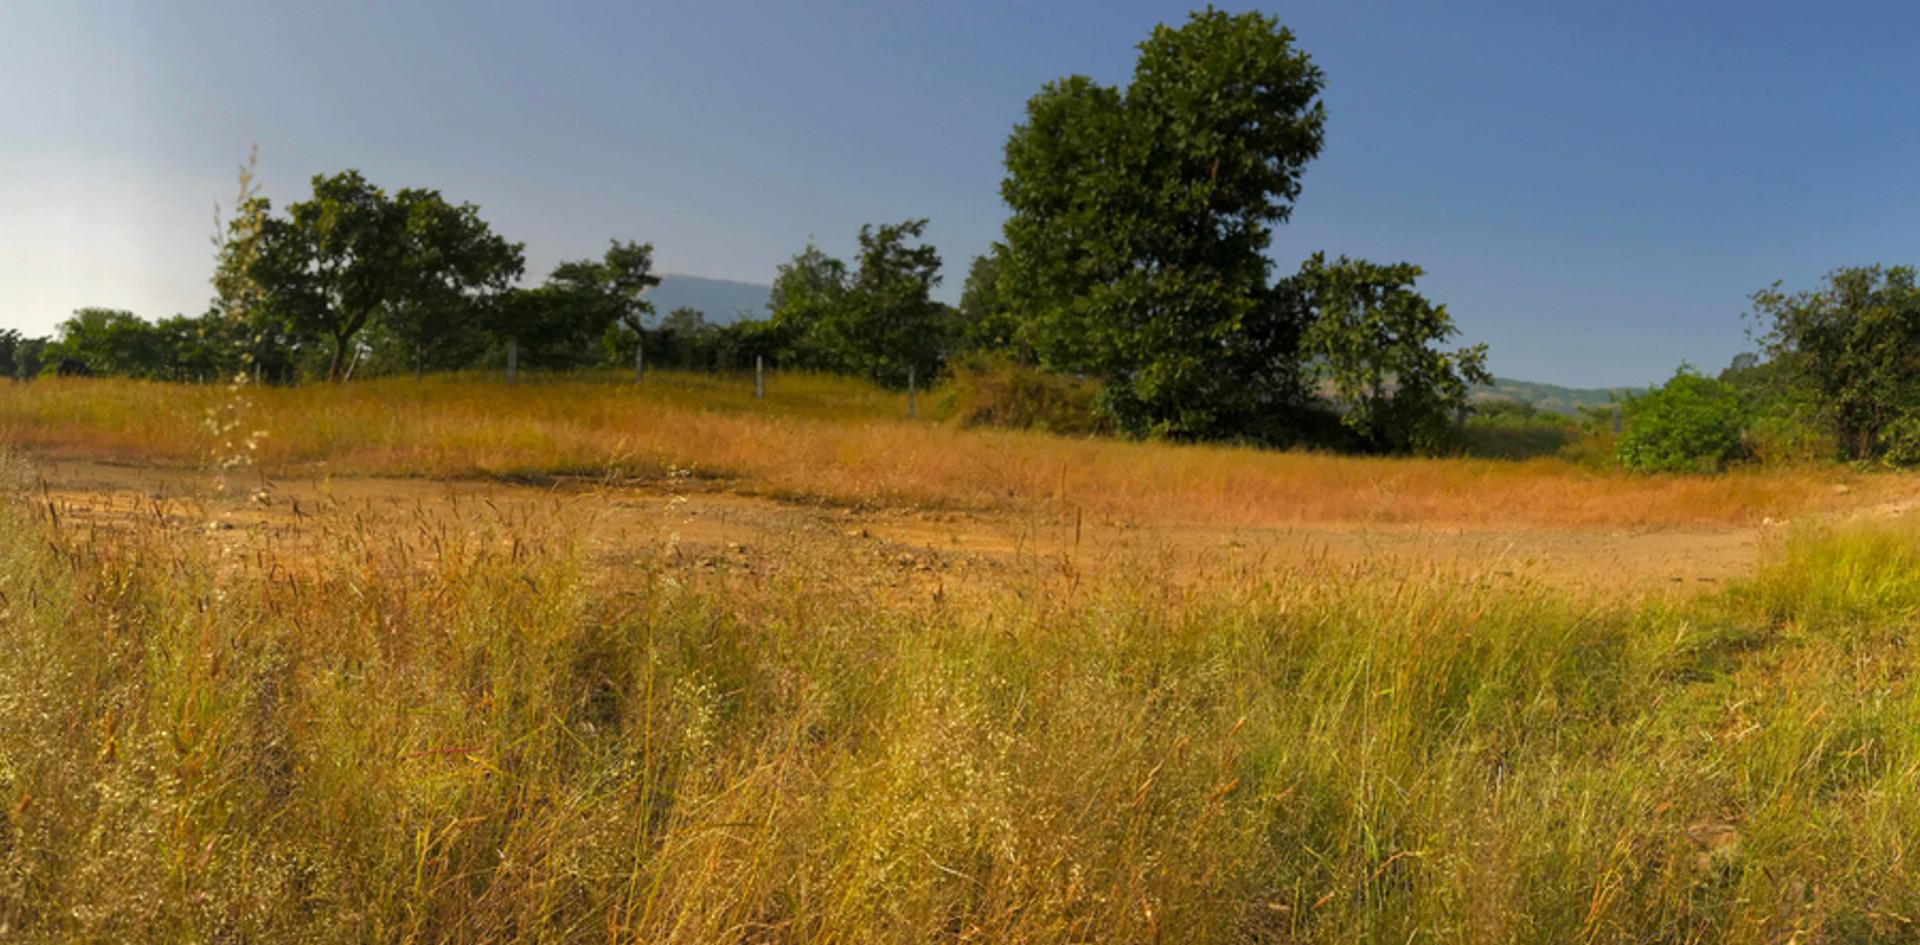 PANORAMA-WESTERN-GHATS-GRASS-CATTLE_.jpg